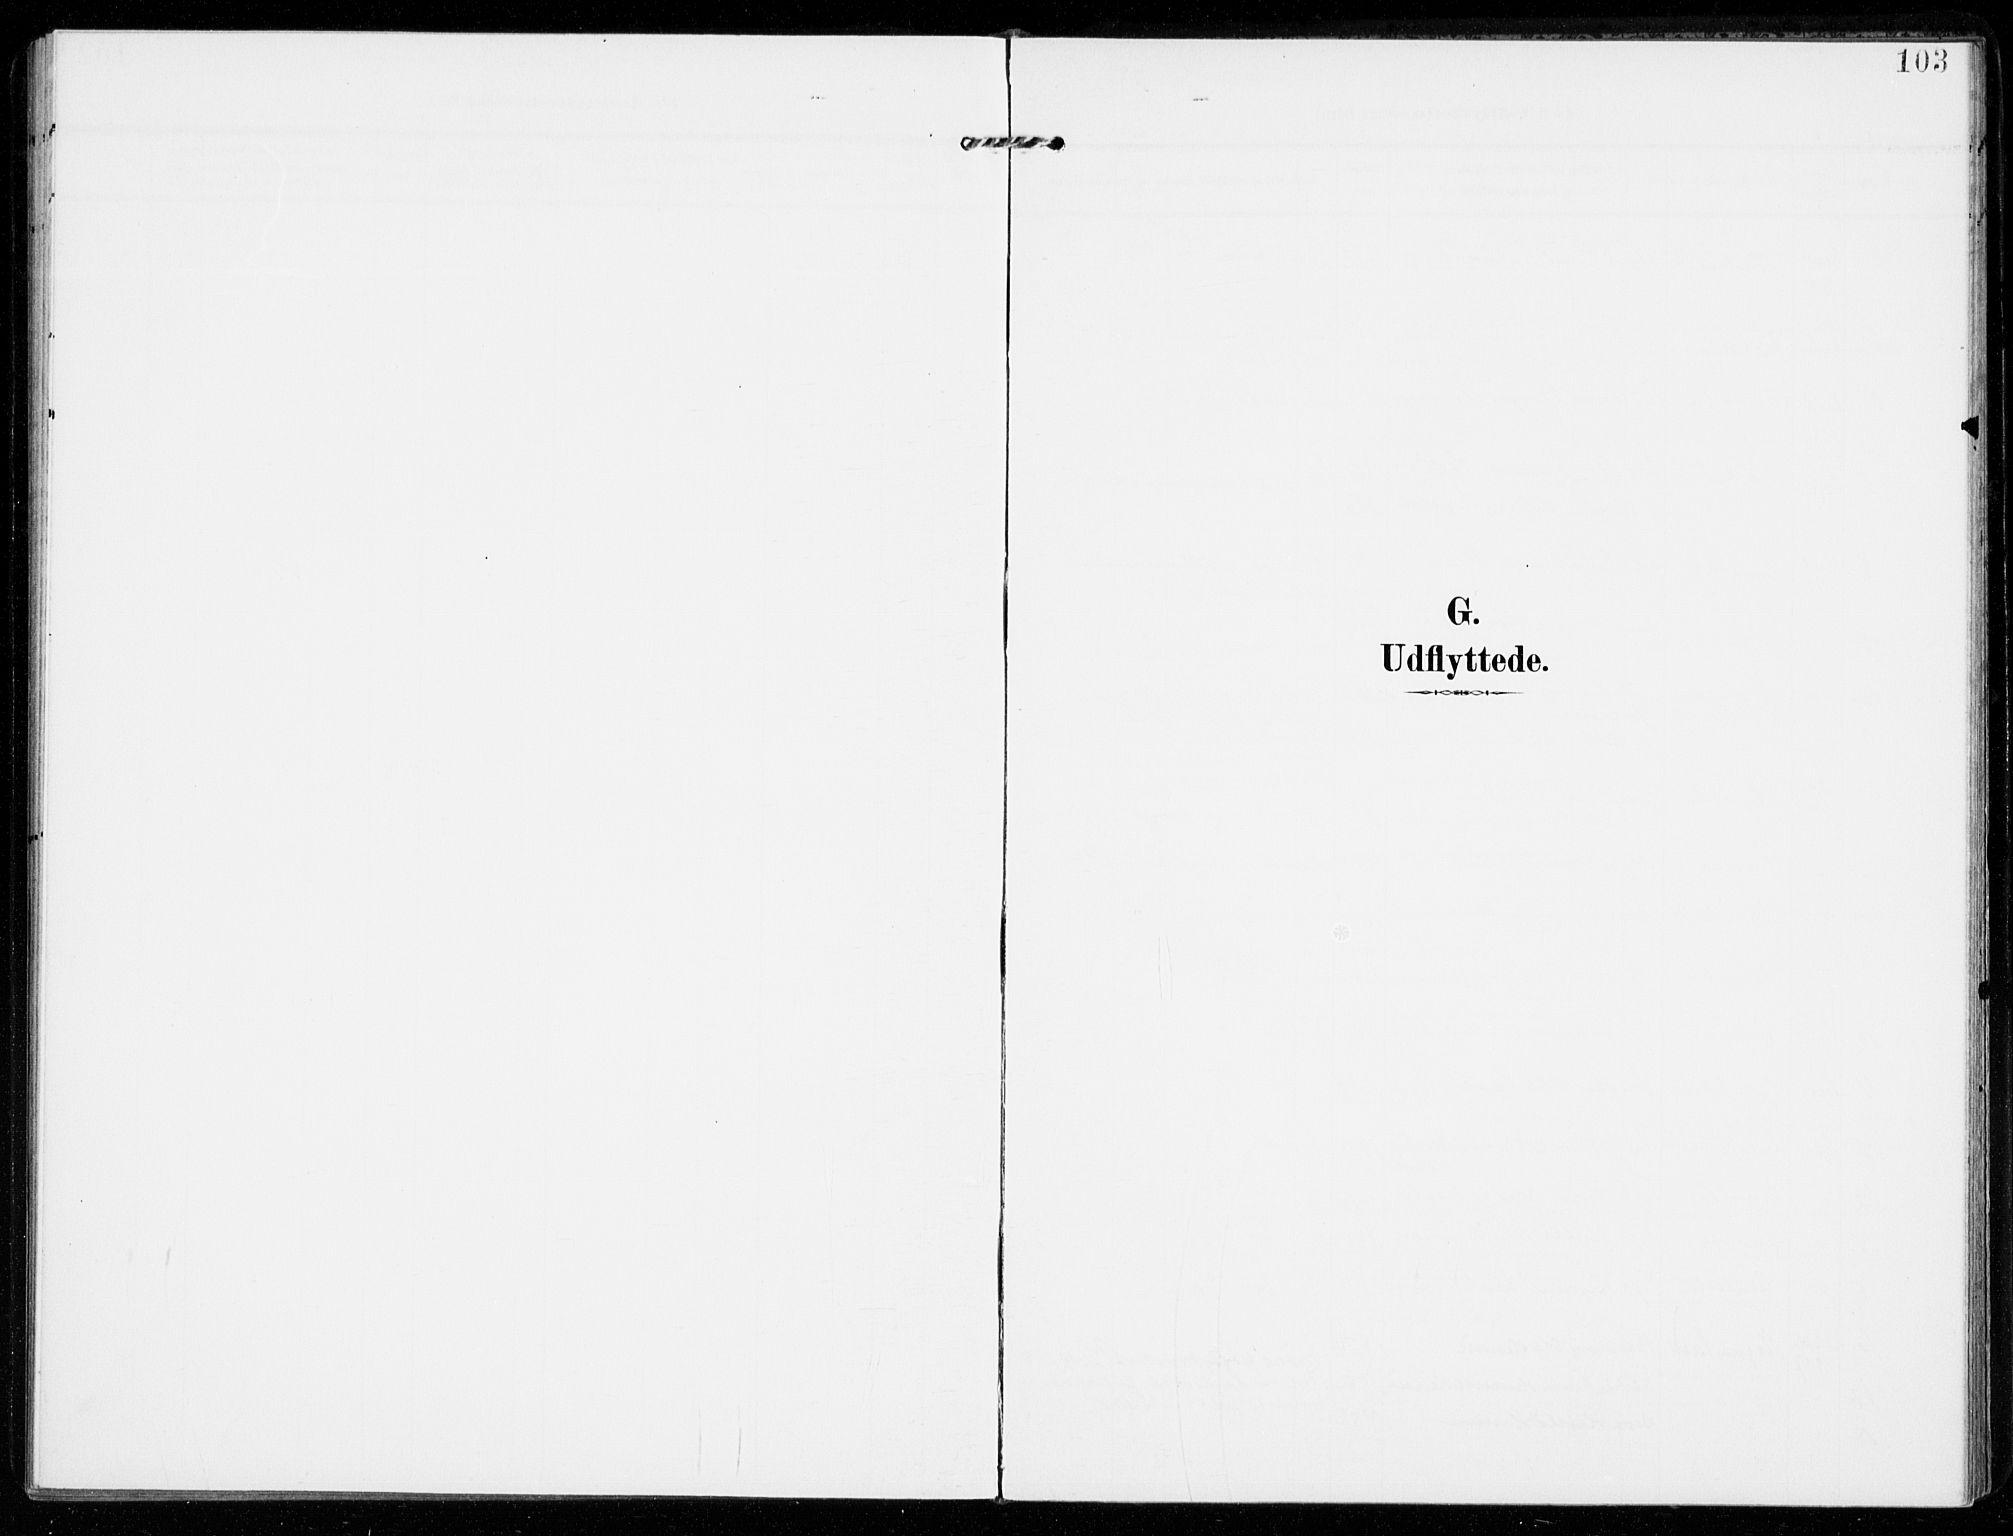 SAKO, Sandar kirkebøker, F/Fa/L0019: Ministerialbok nr. 19, 1908-1914, s. 103